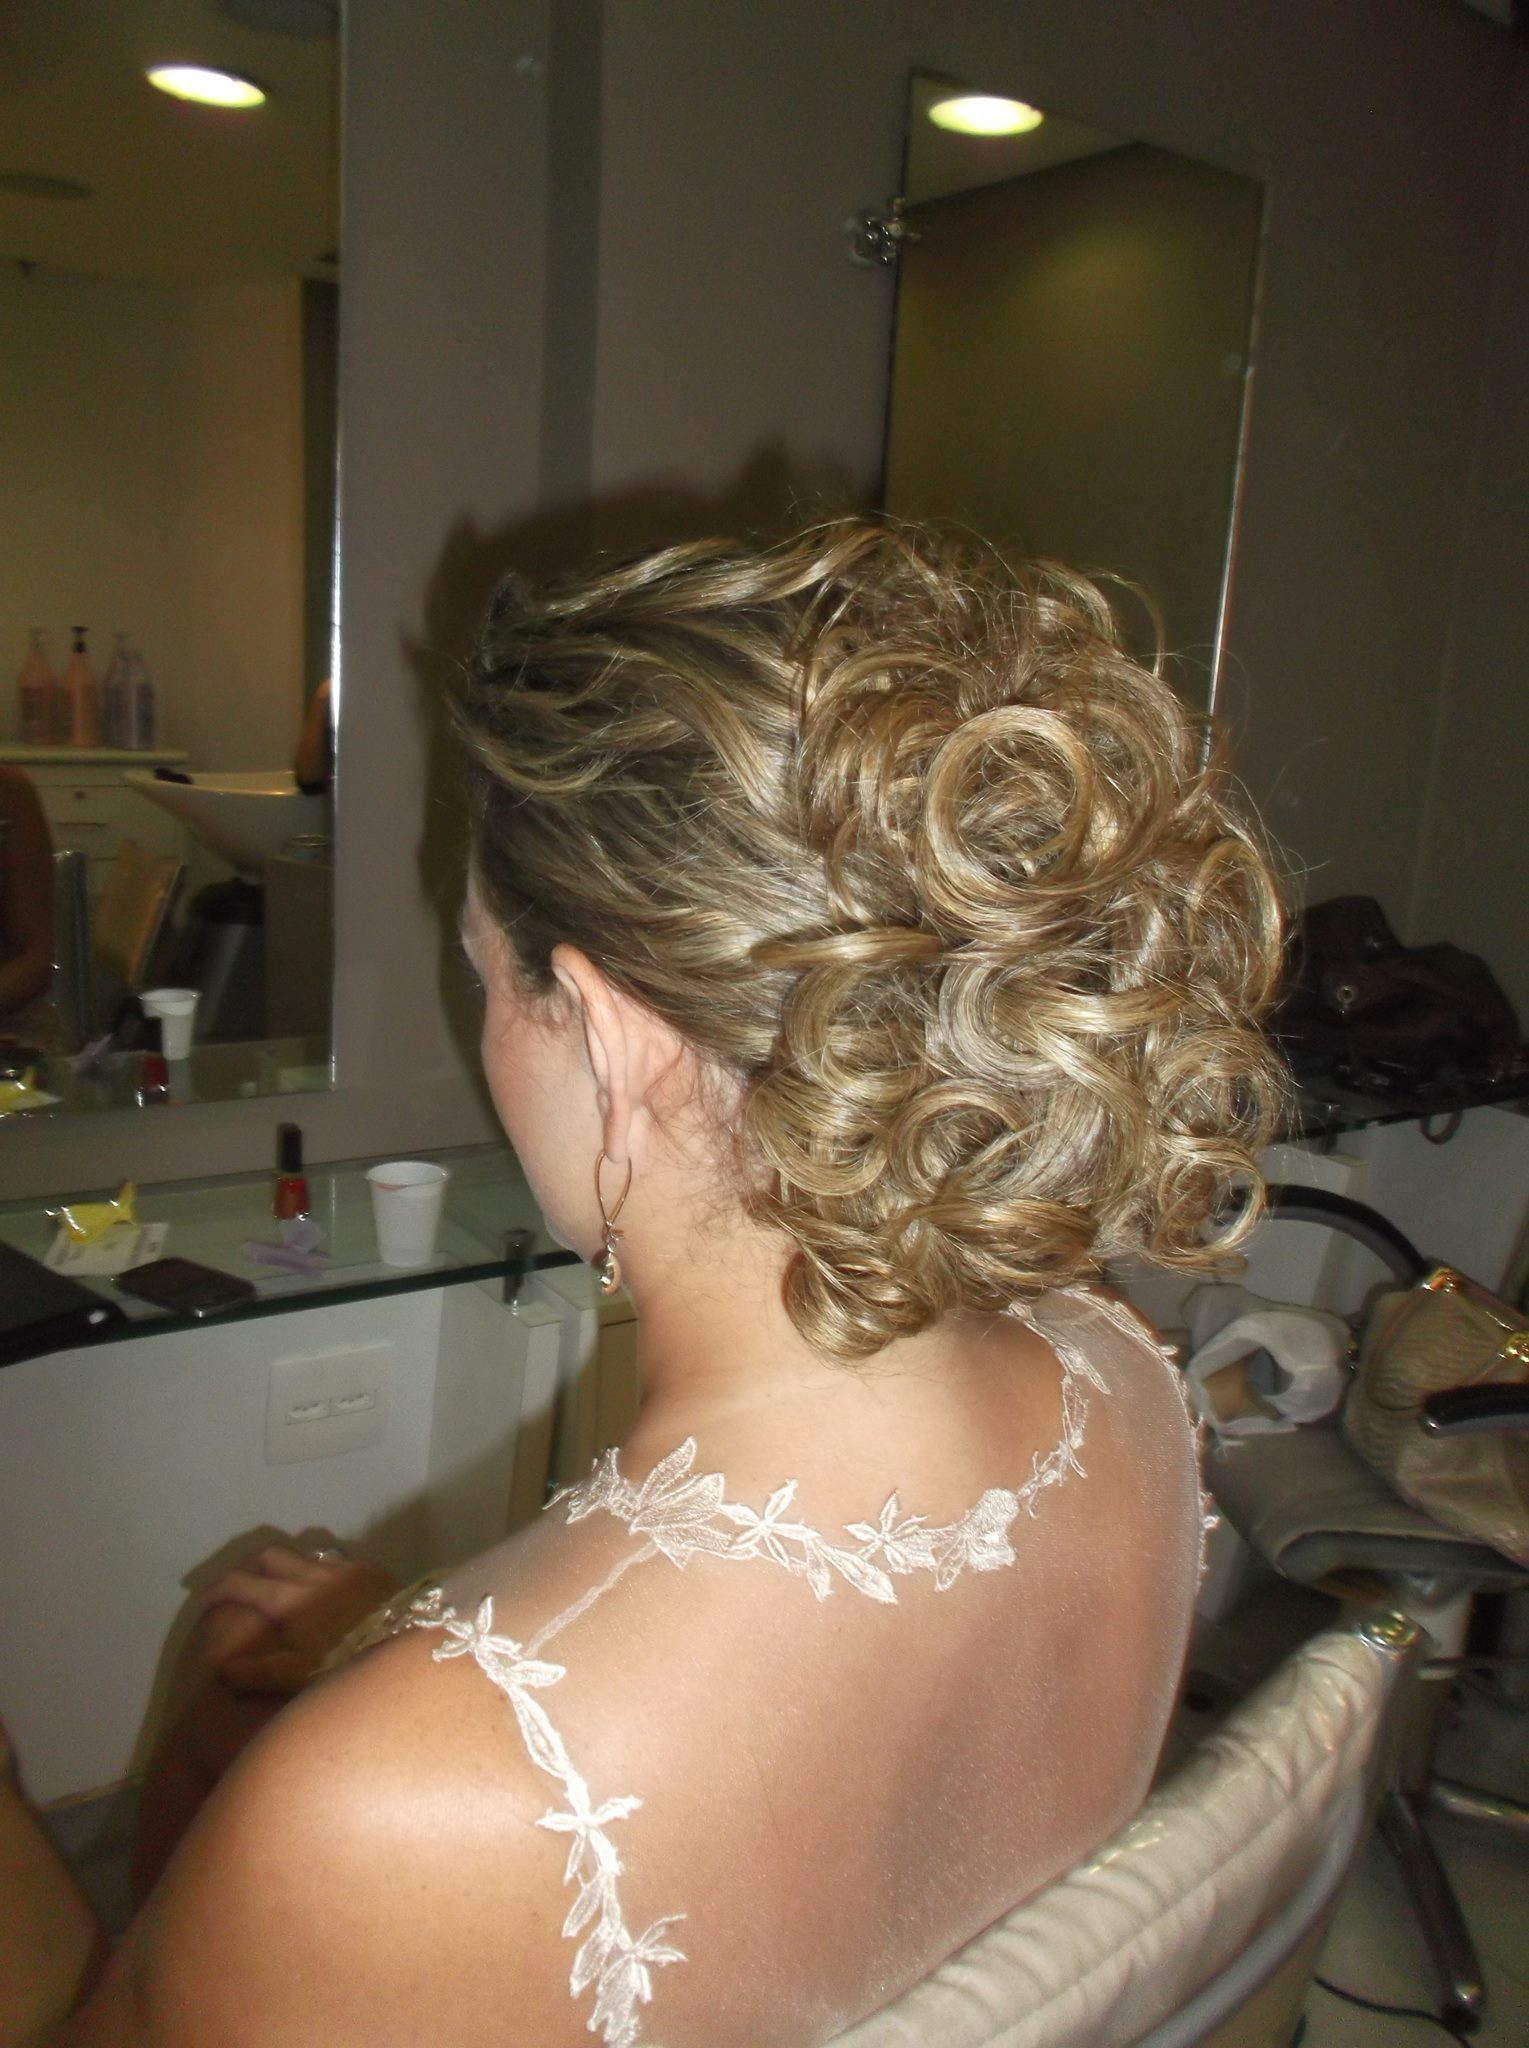 Penteado madrinha cabeleireiro(a) cabeleireiro(a) cabeleireiro(a) cabeleireiro(a)